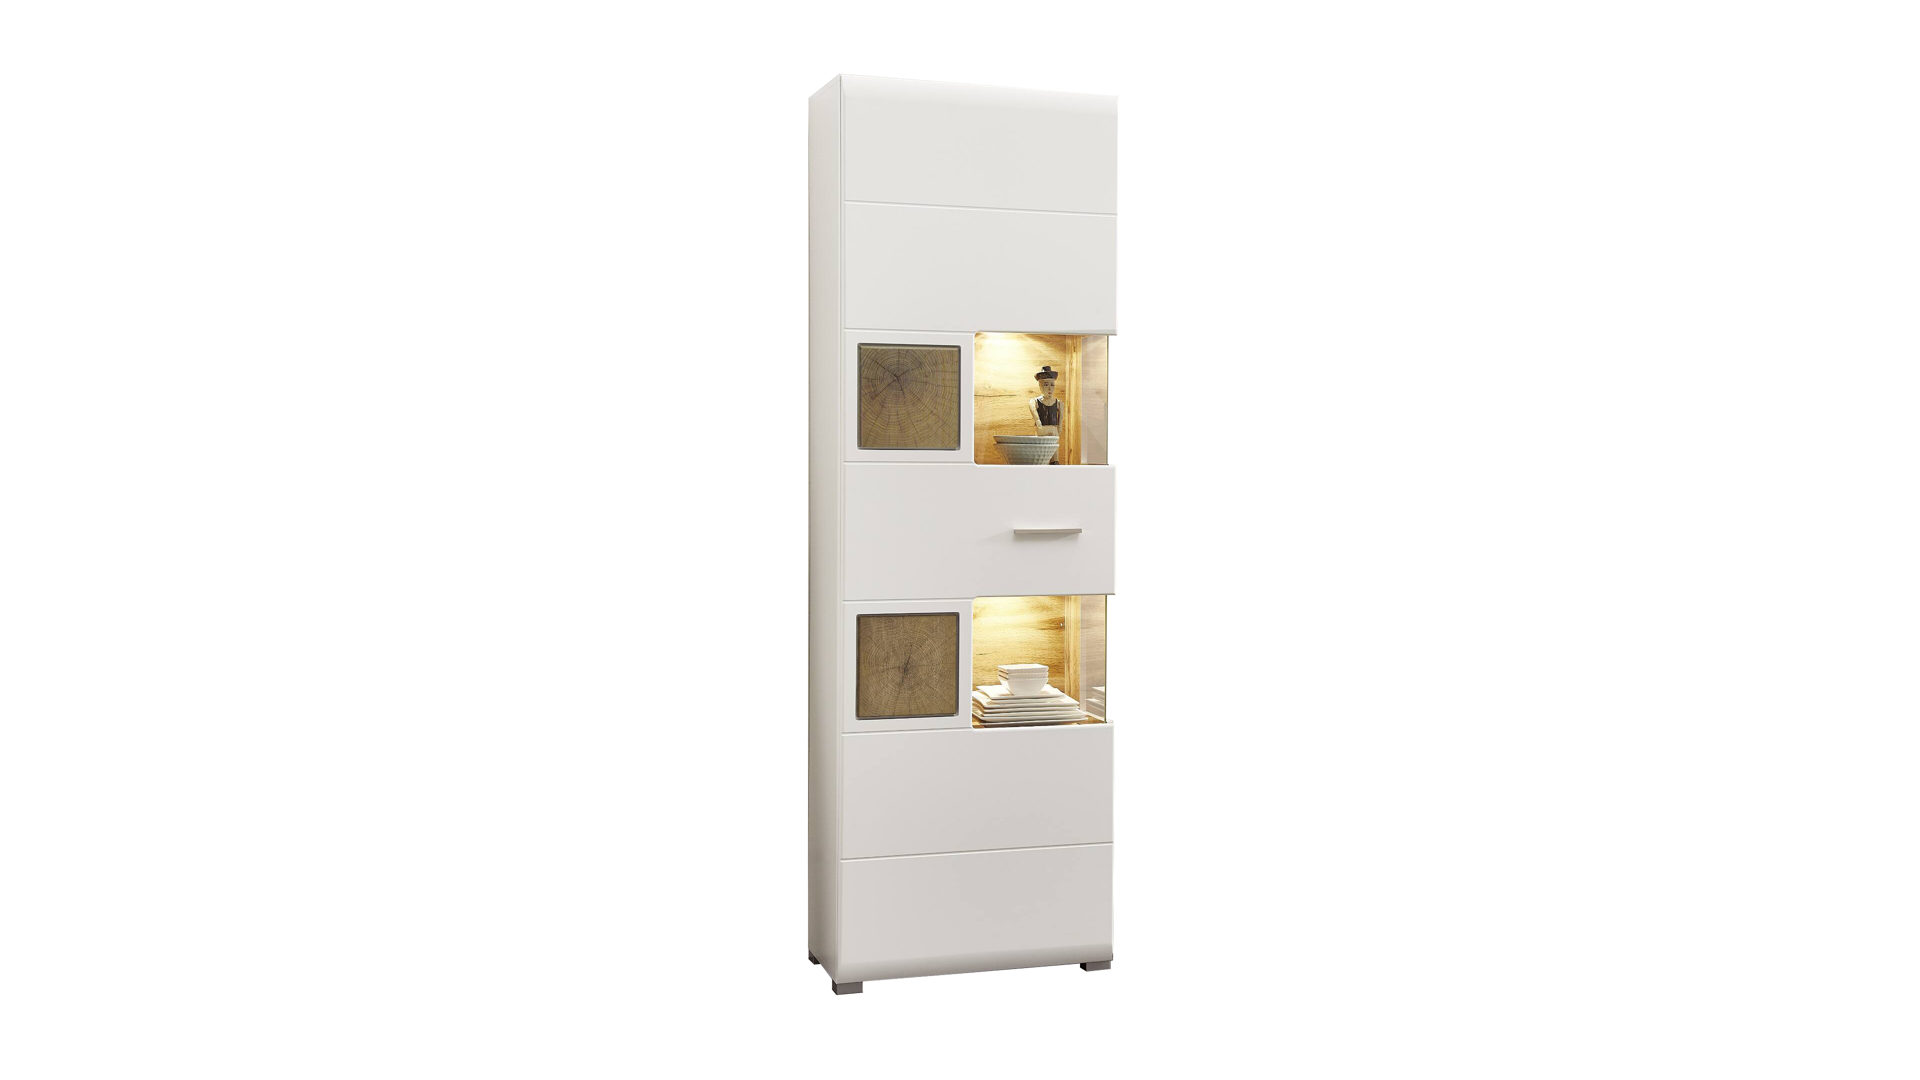 Vitrine Innostyle Aus Holz In Weiß Vitrinenschrank Als Wohnzimmermöbel  Mattweiße U0026 Holzfarbene Kunststoffoberflächen U2013 Eine Tür